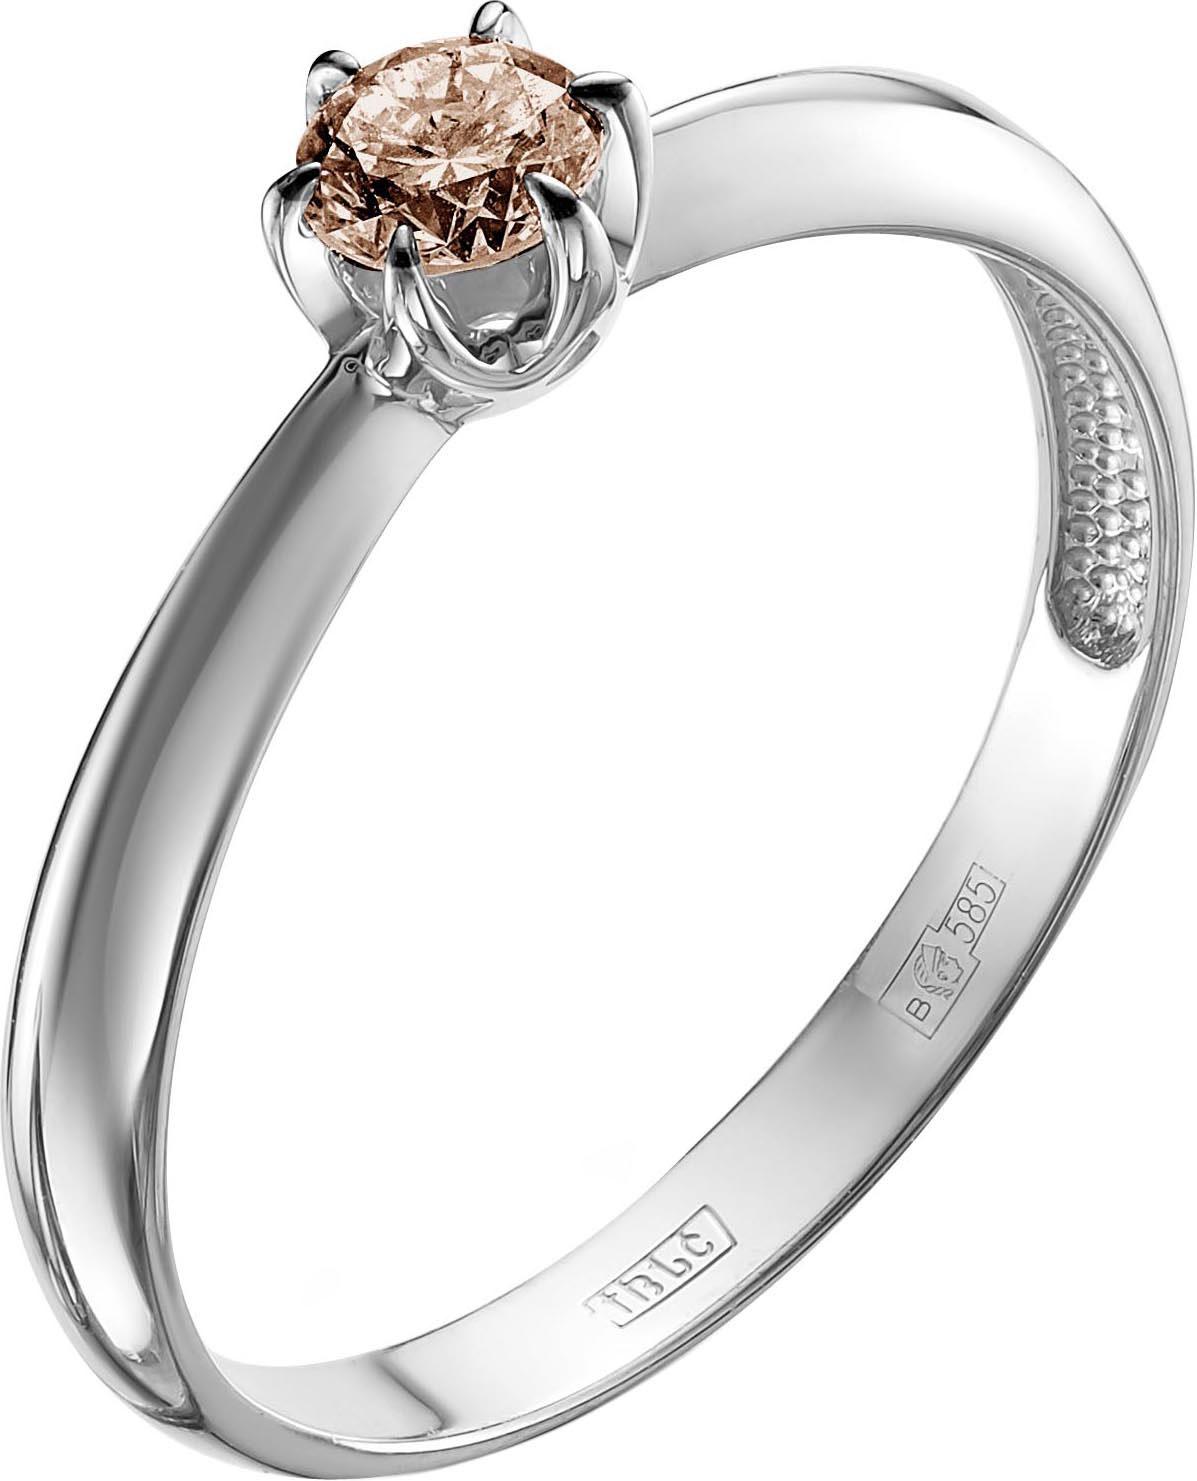 Кольца Vesna jewelry 1278-256-09-00